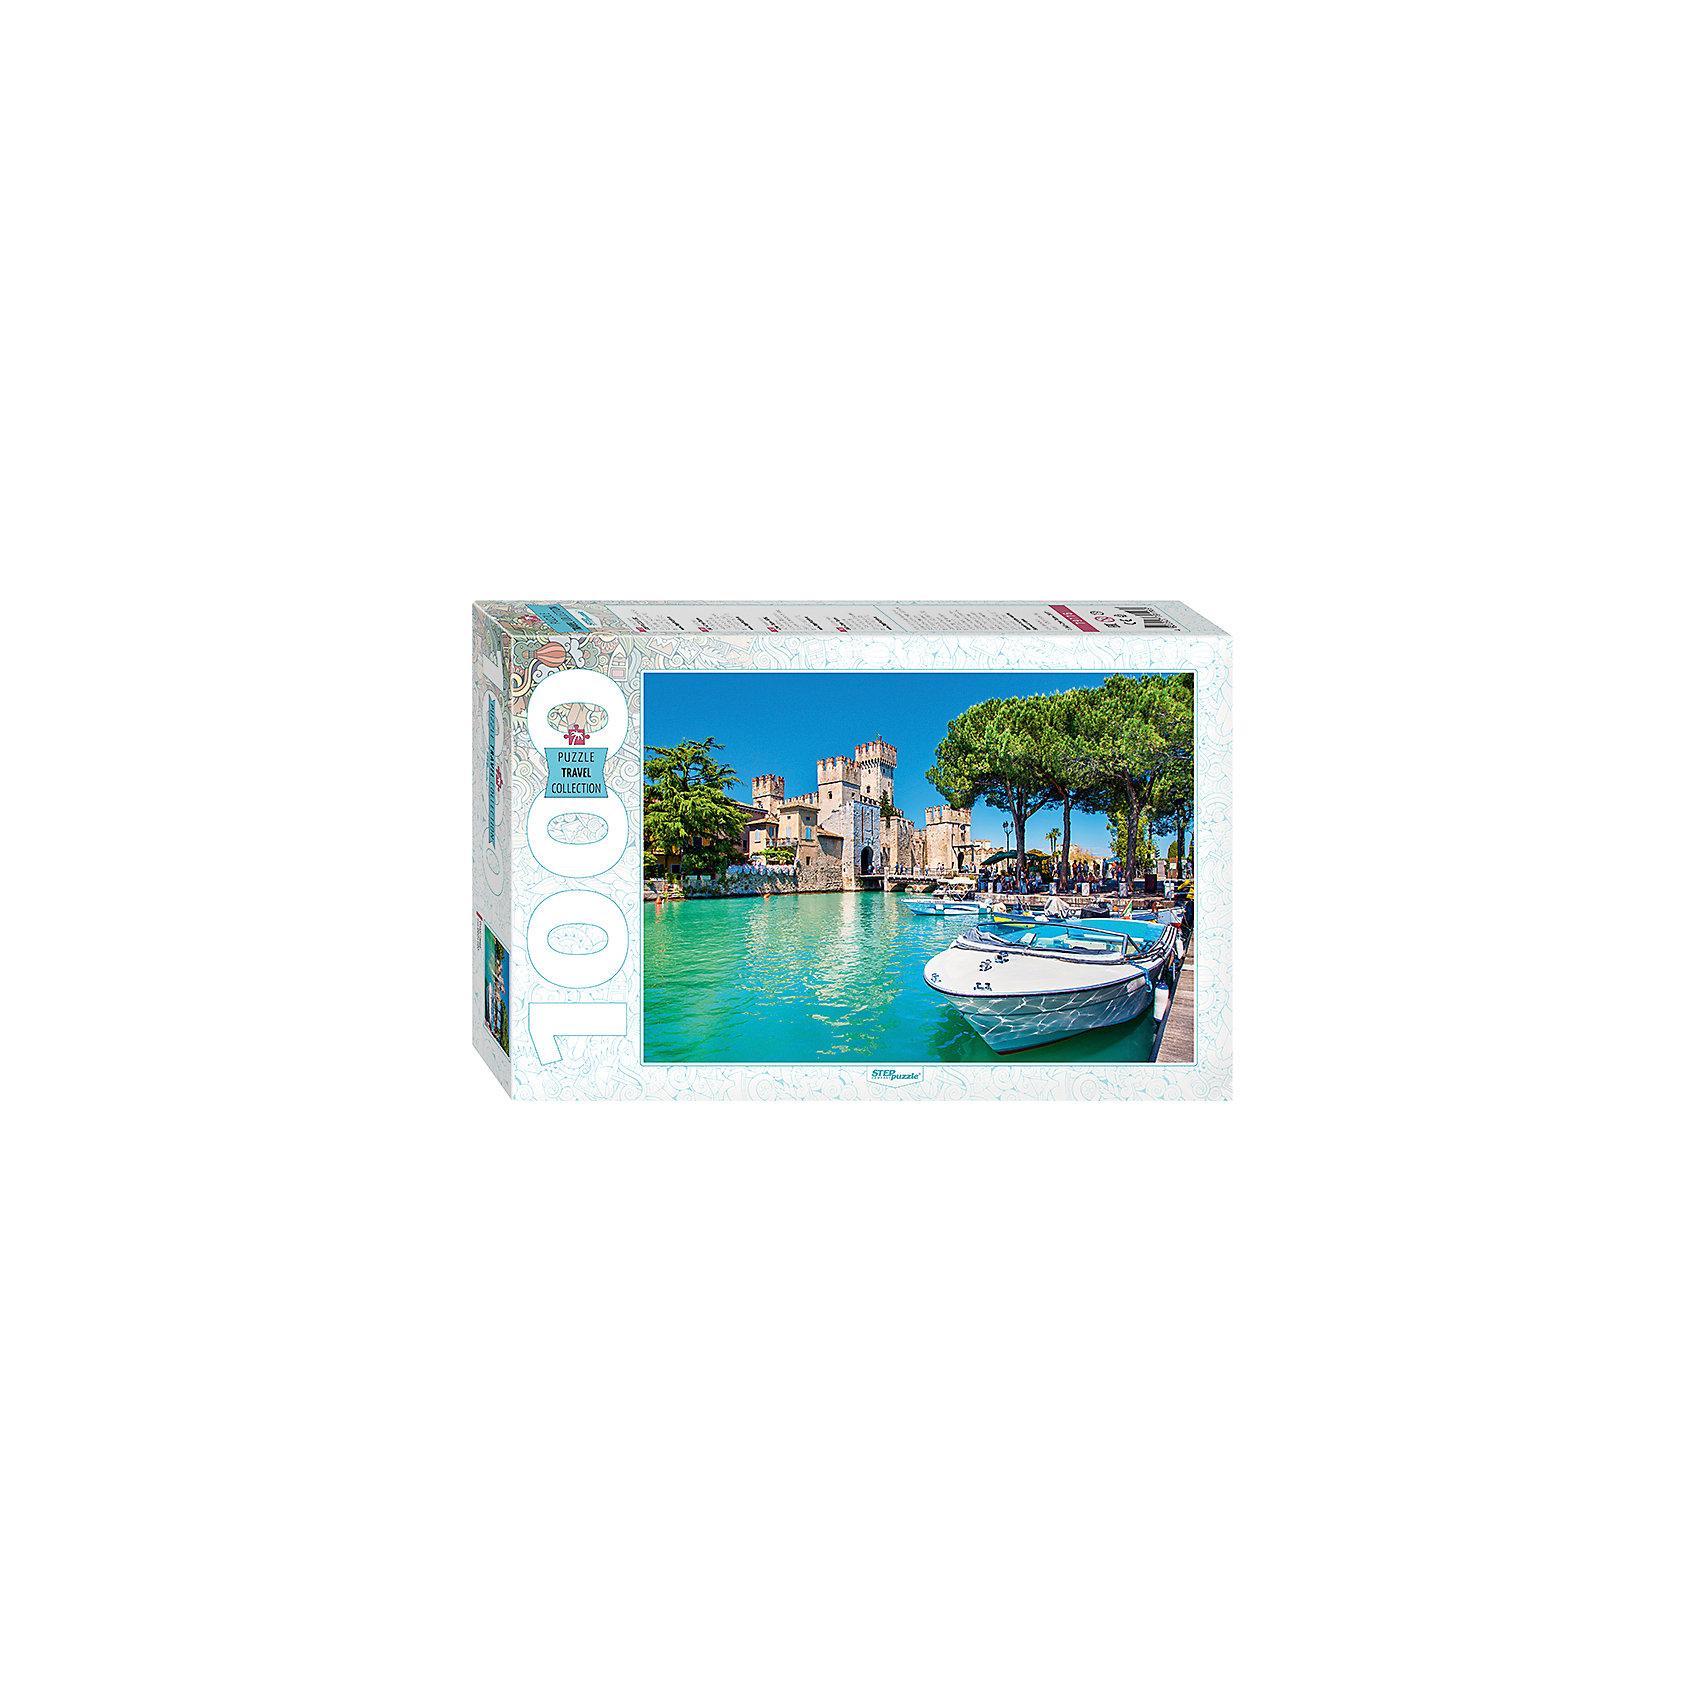 Пазл Озеро Гарда, 1000 деталей, Степ ПазлКлассические пазлы<br>Пазл Озеро Гарда, 1000 деталей, Степ Пазл<br><br>Характеристики:<br><br>• красивый пейзаж на готовой картинке<br>• размер собранного изображения: 68х48 см<br>• количество деталей: 1000<br>• размер детали: 2х1,7 см<br>• материал: картон<br>• размер упаковки: 6х33х21,5 см<br>• вес: 620 грамм<br><br>Пазл Озеро Гарда порадует вас чарующей красотой итальянского пейзажа. Пазл состоит из тысячи деталей, изготовленных из плотного картона. Соберите их и наслаждайтесь картинкой с изображением озера Гарда. Кроме того, собирание пазлов хорошо влияет на развитие моторики рук, логики, внимательности и усидчивости.<br><br>Пазл Озеро Гарда, 1000 деталей, Степ Пазл можно купить в нашем интернет-магазине.<br><br>Ширина мм: 215<br>Глубина мм: 330<br>Высота мм: 60<br>Вес г: 620<br>Возраст от месяцев: 48<br>Возраст до месяцев: 2147483647<br>Пол: Унисекс<br>Возраст: Детский<br>SKU: 5502545